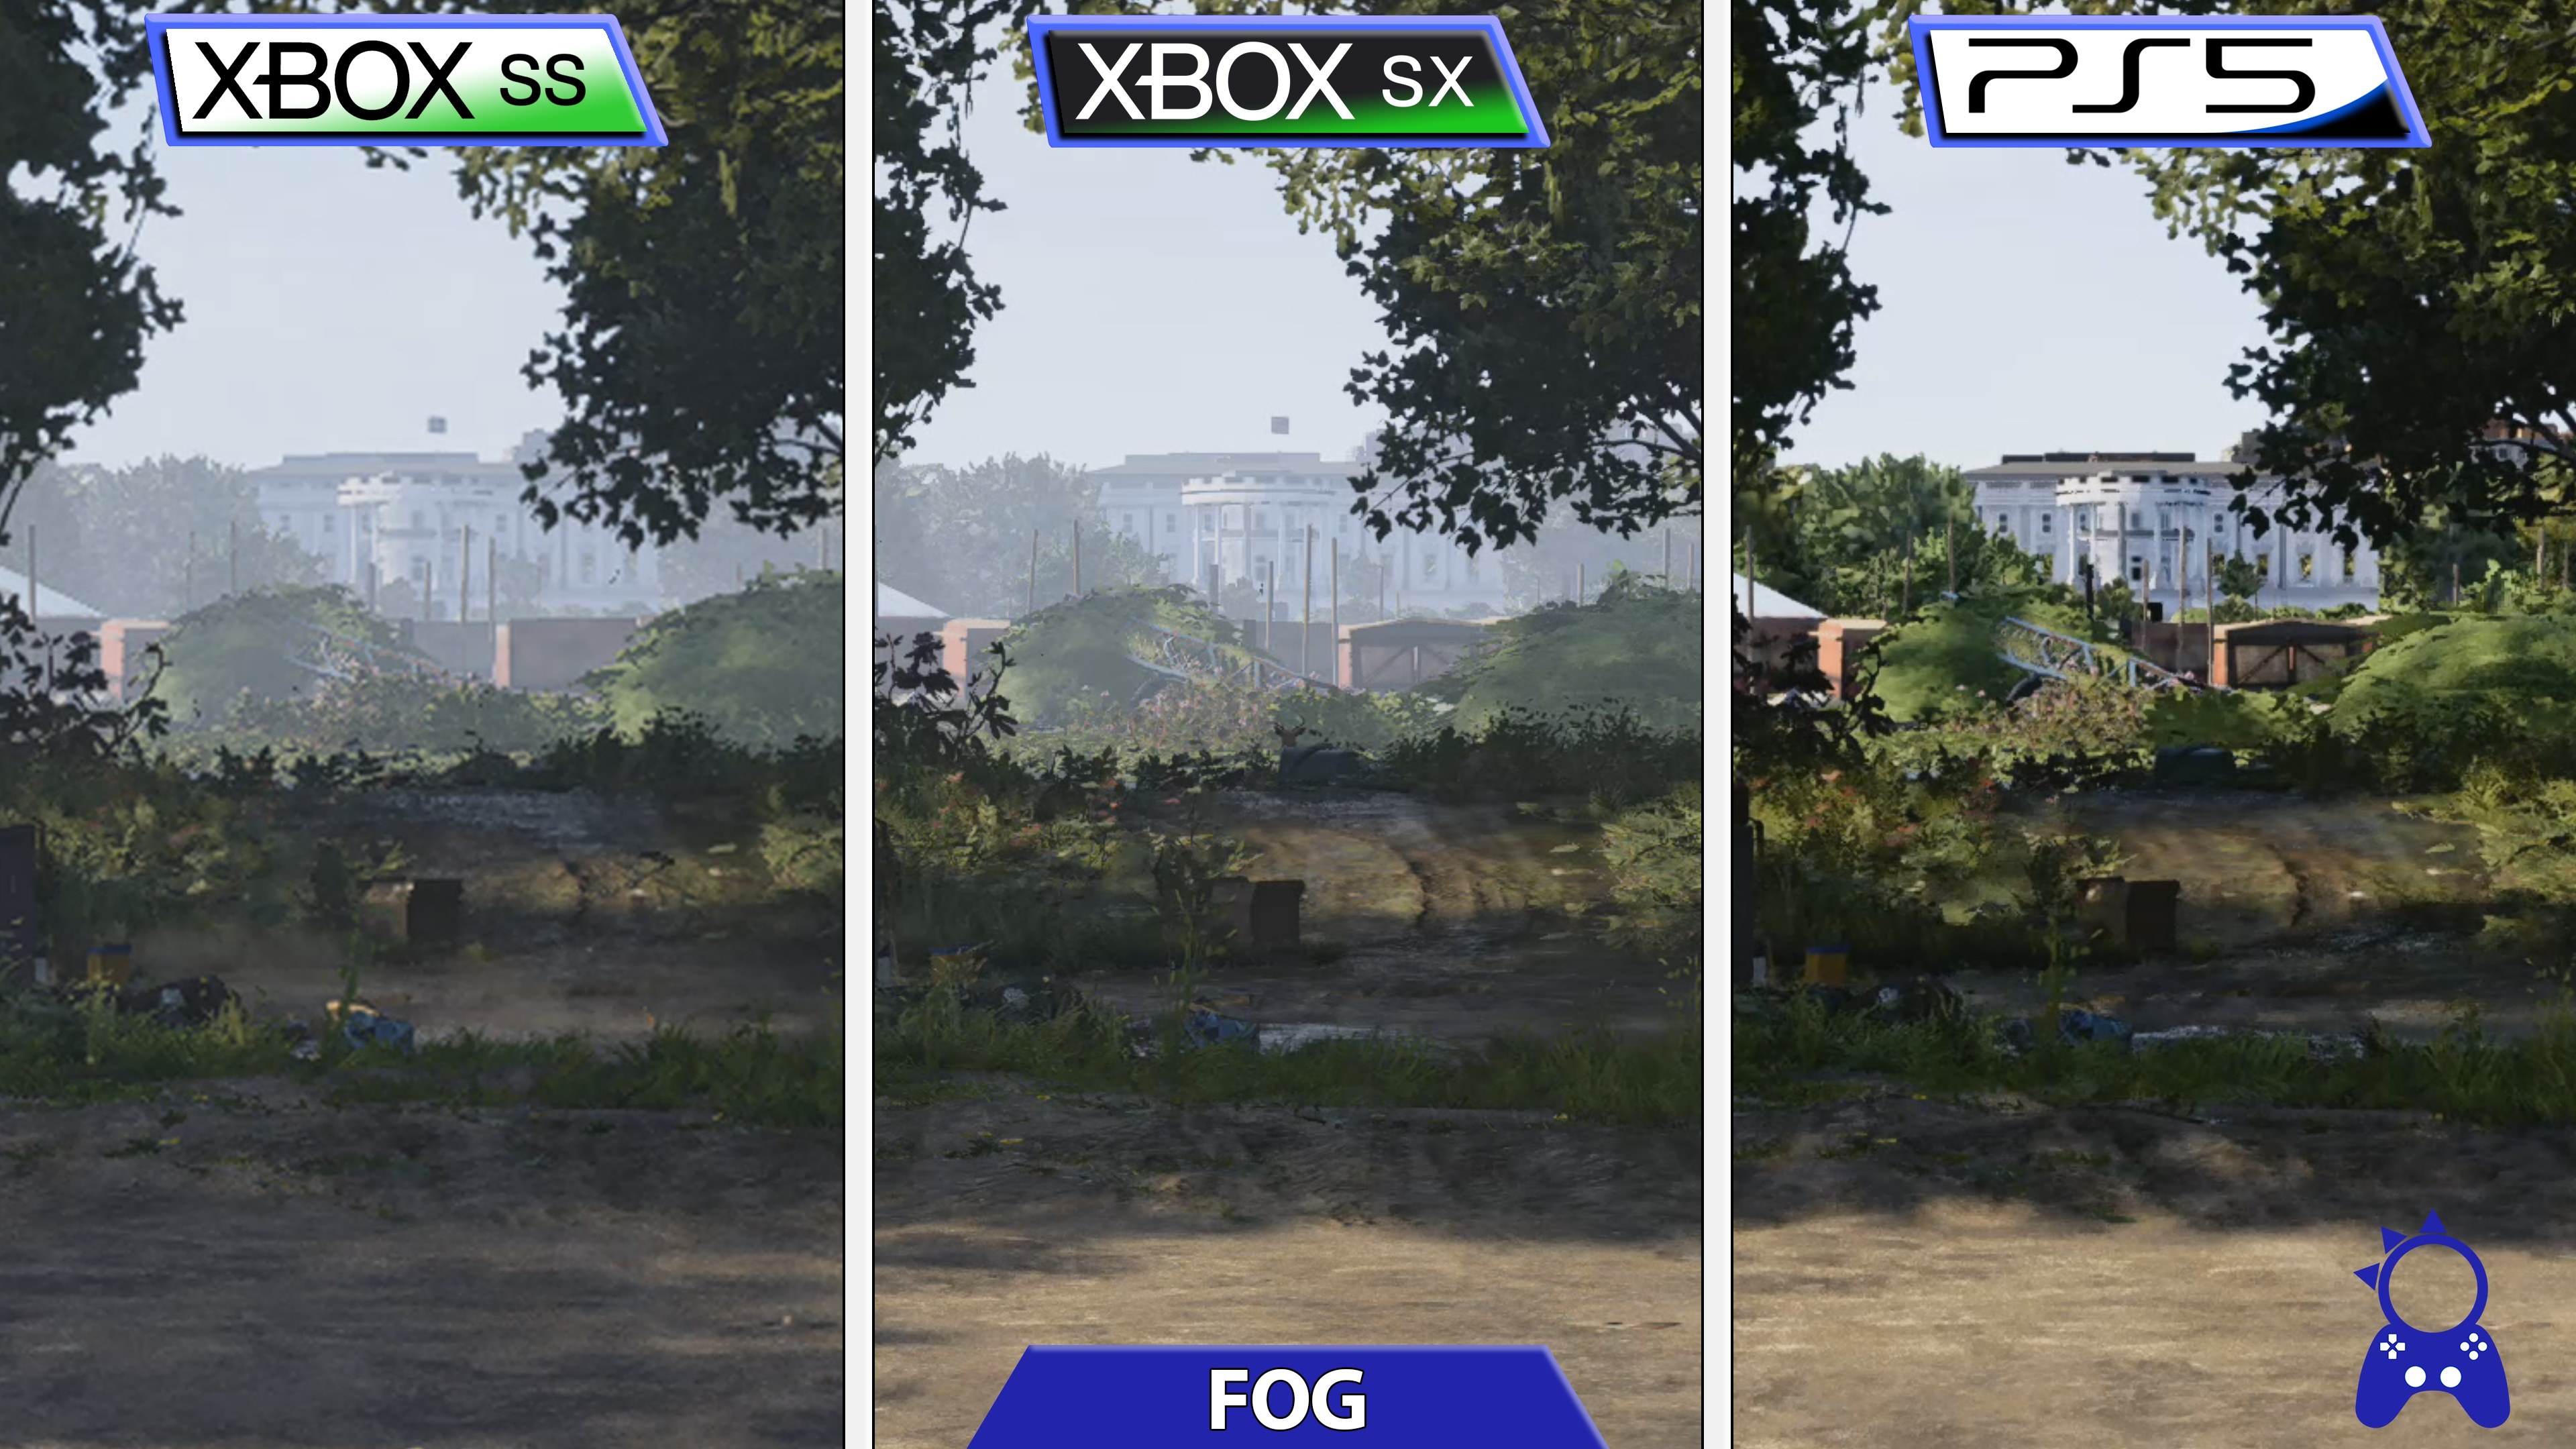 Comparan el rendimiento de The Division 2 en Xbox Series X y PS5